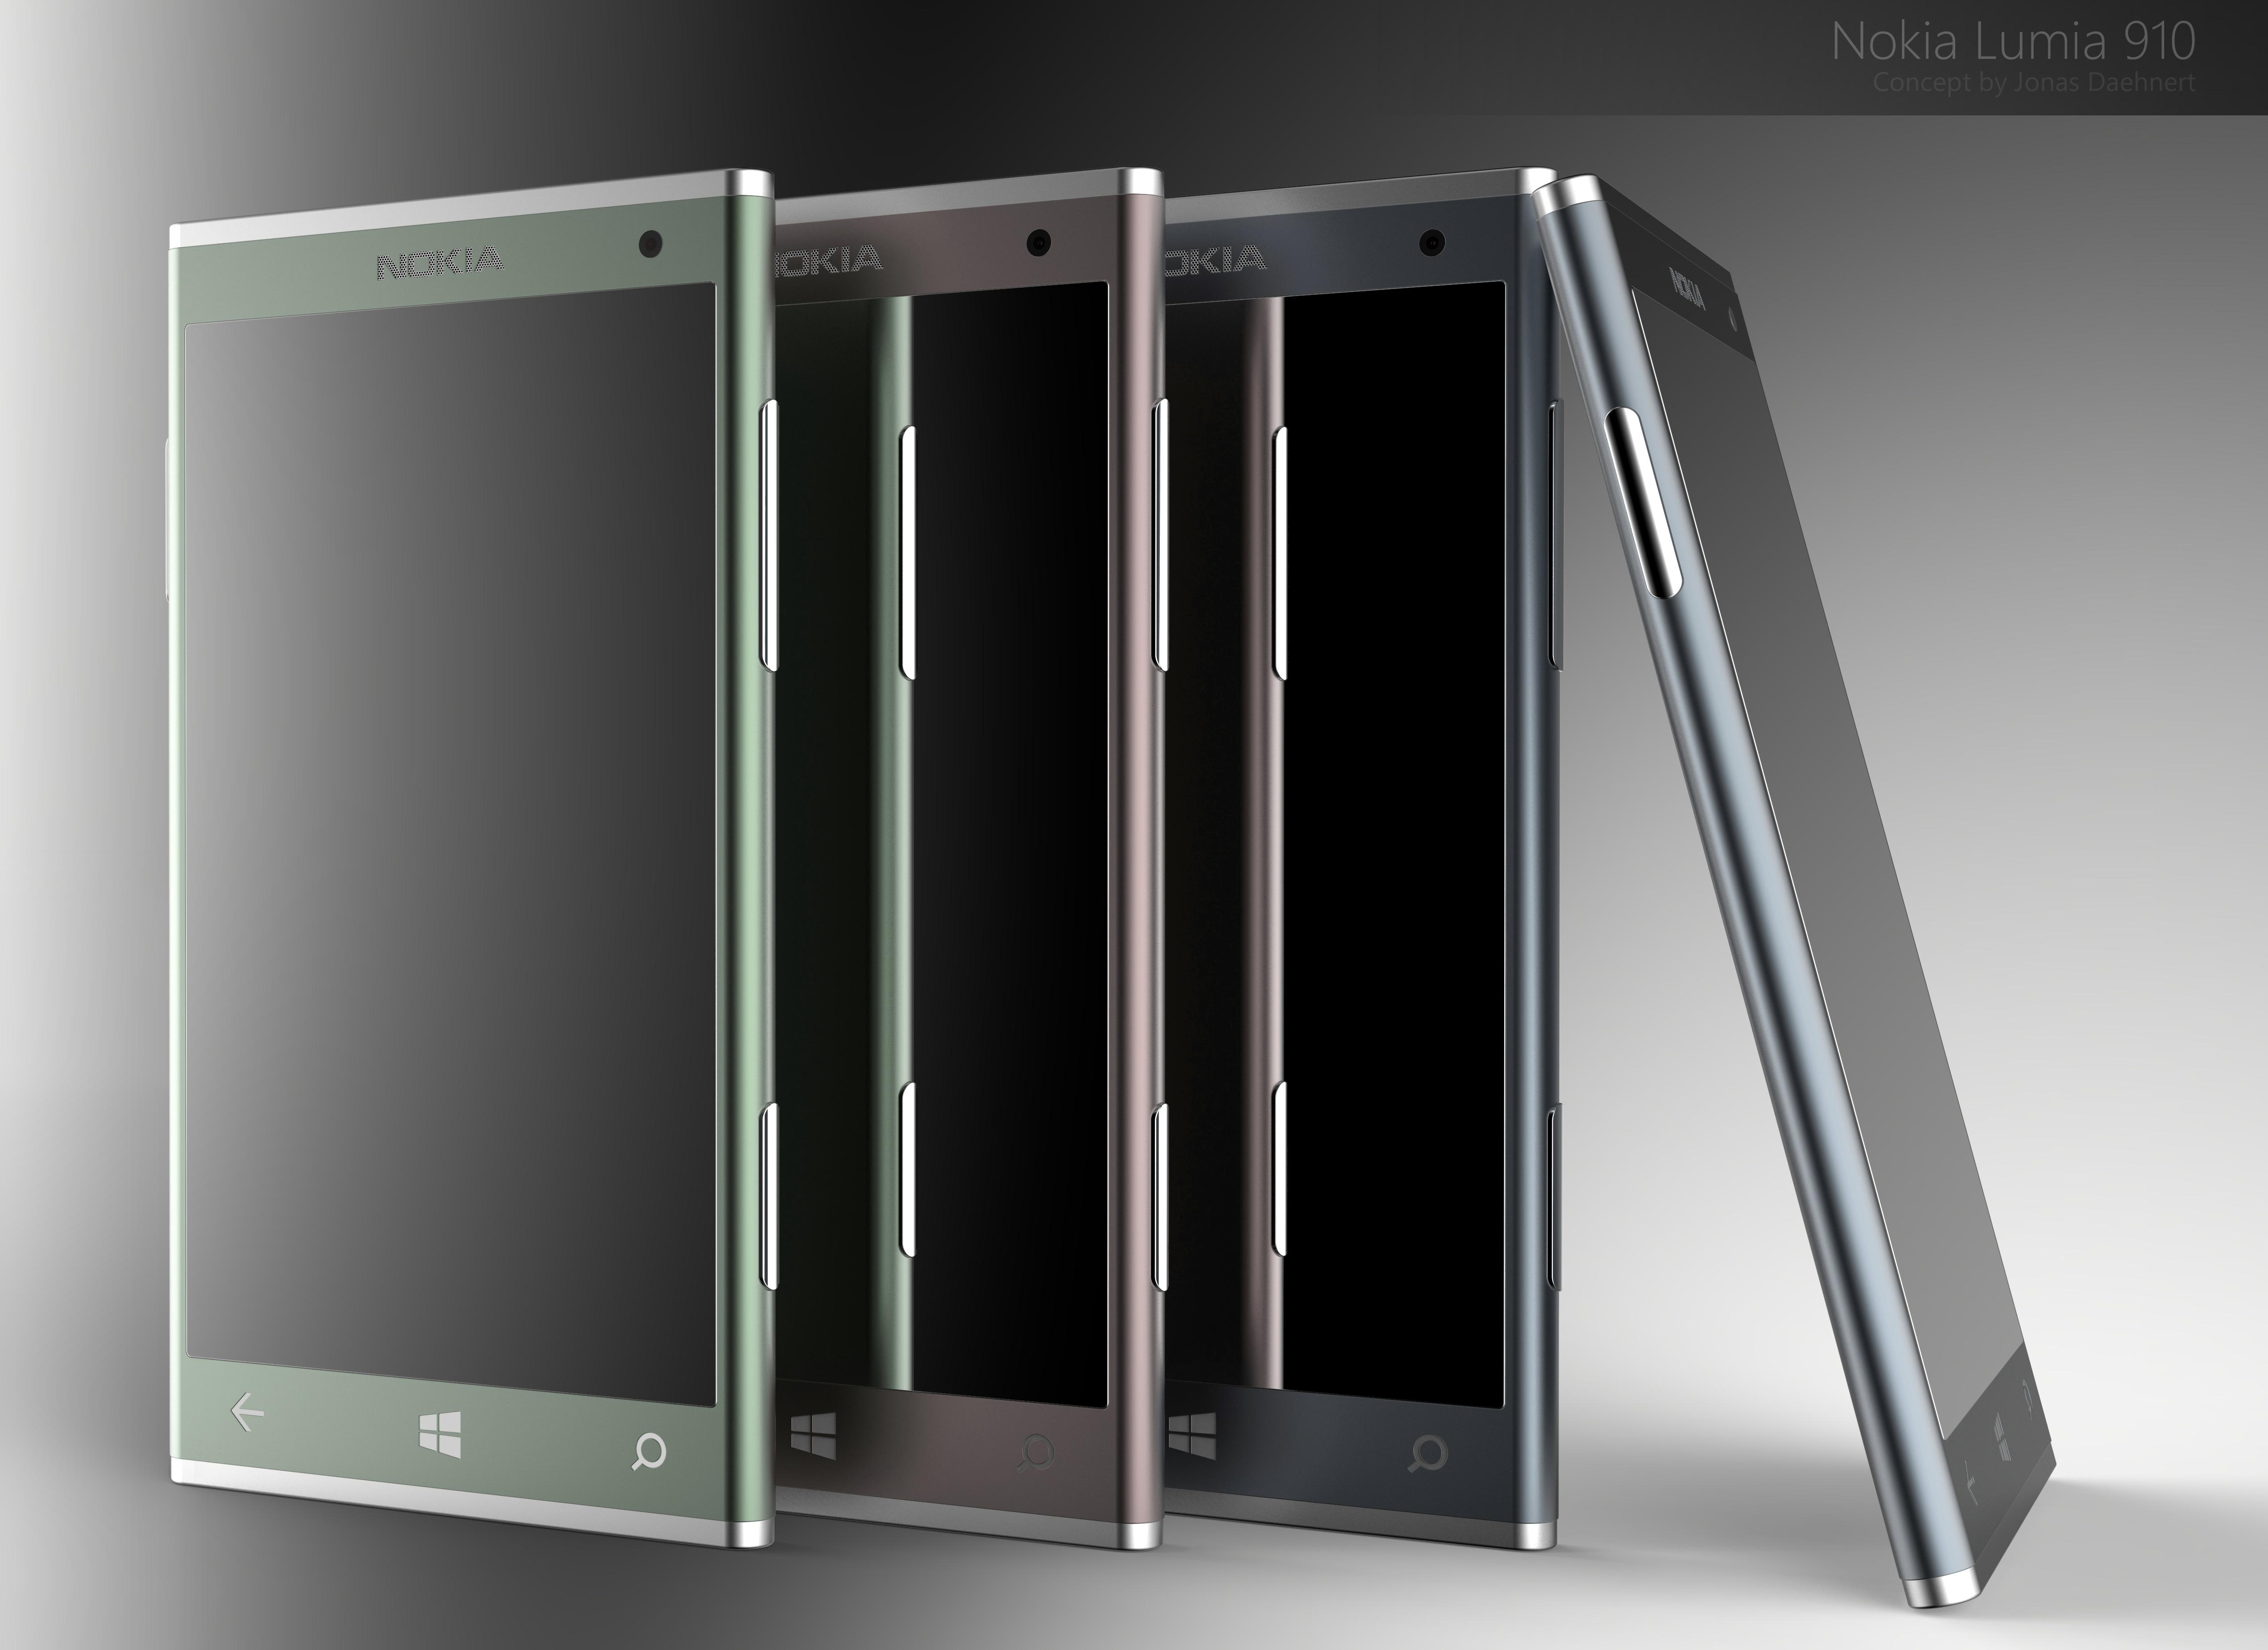 Nokia Lumia 910 Teaser